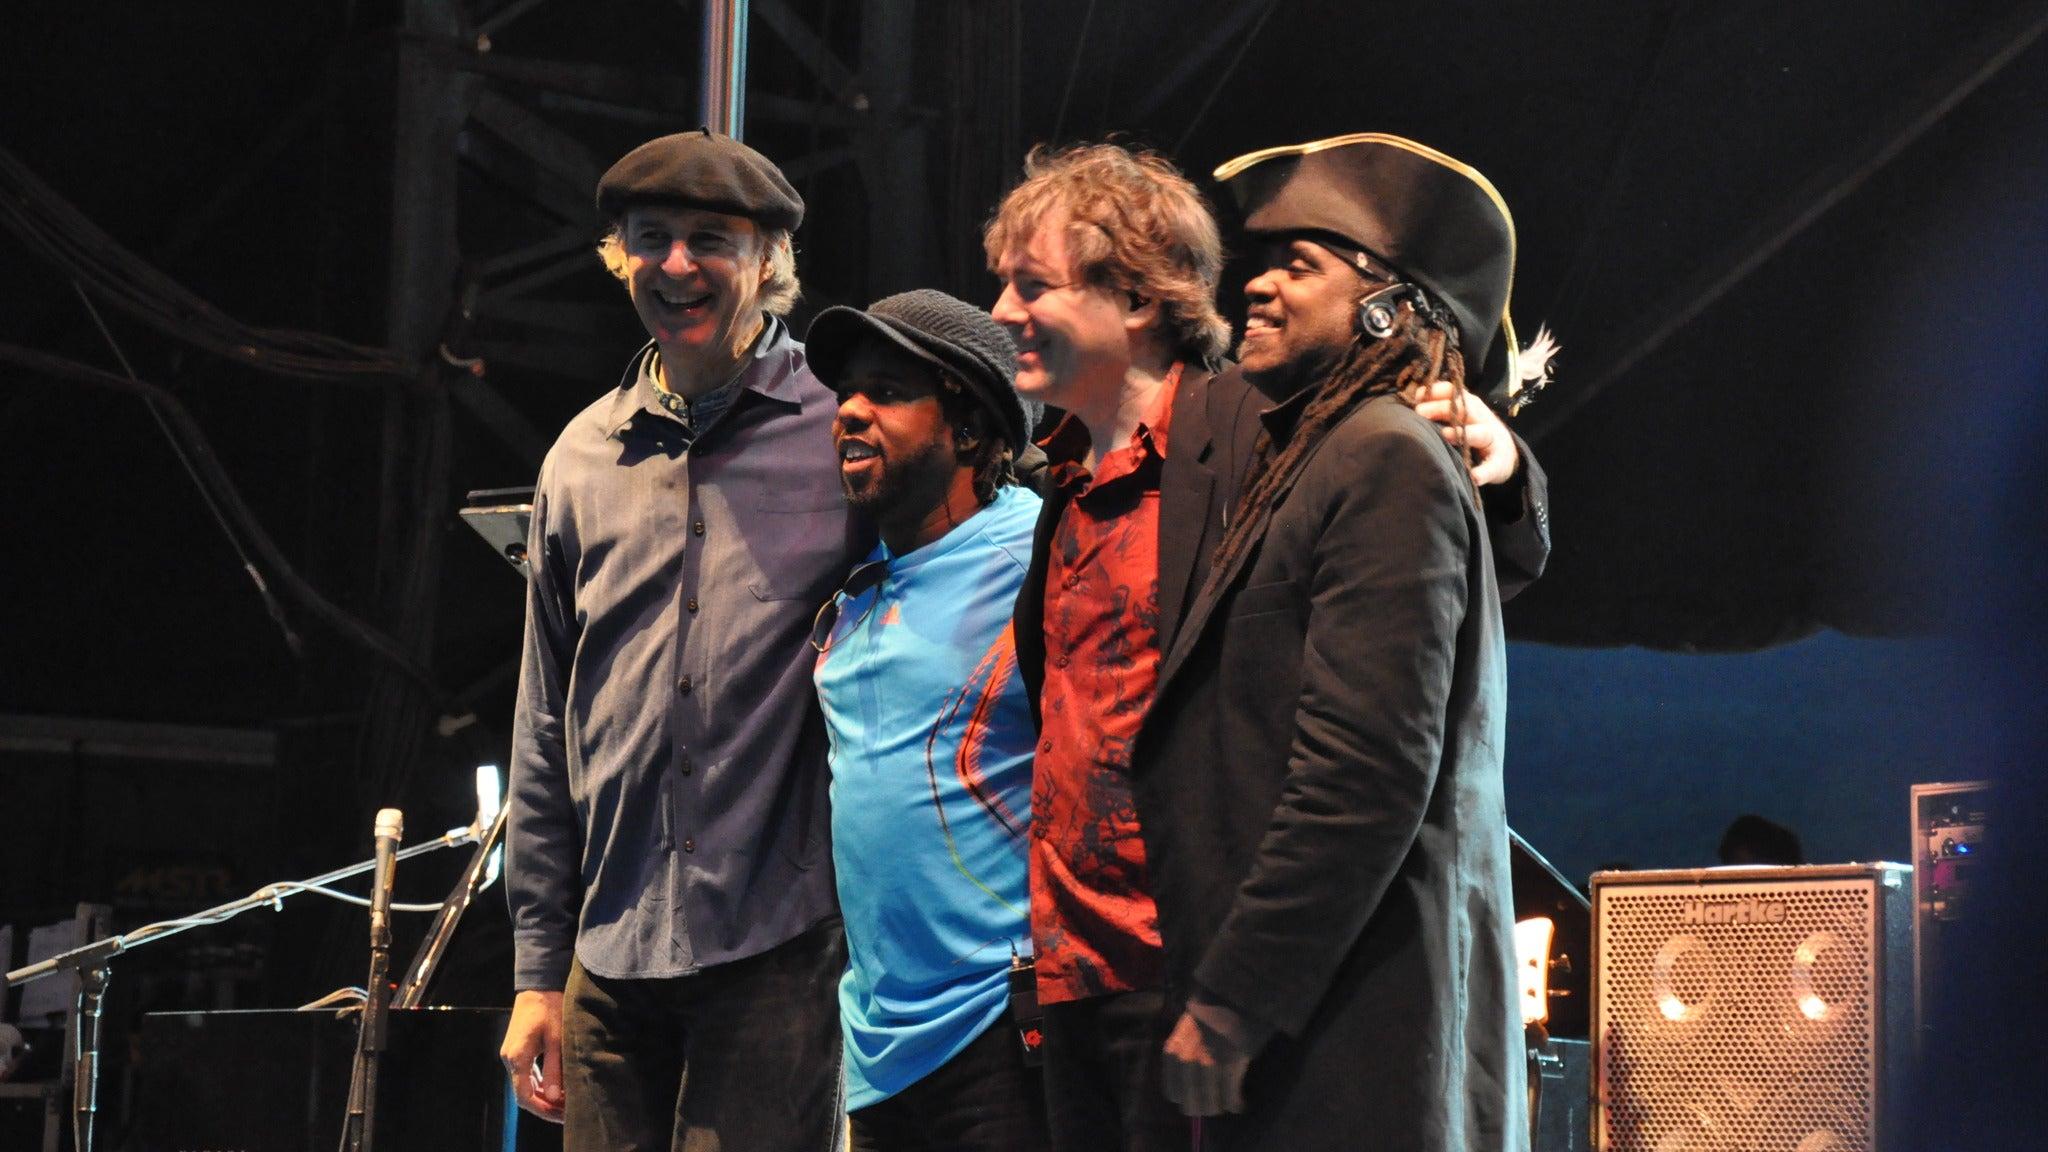 Bela Fleck & the Flecktones at Alabama Theatre